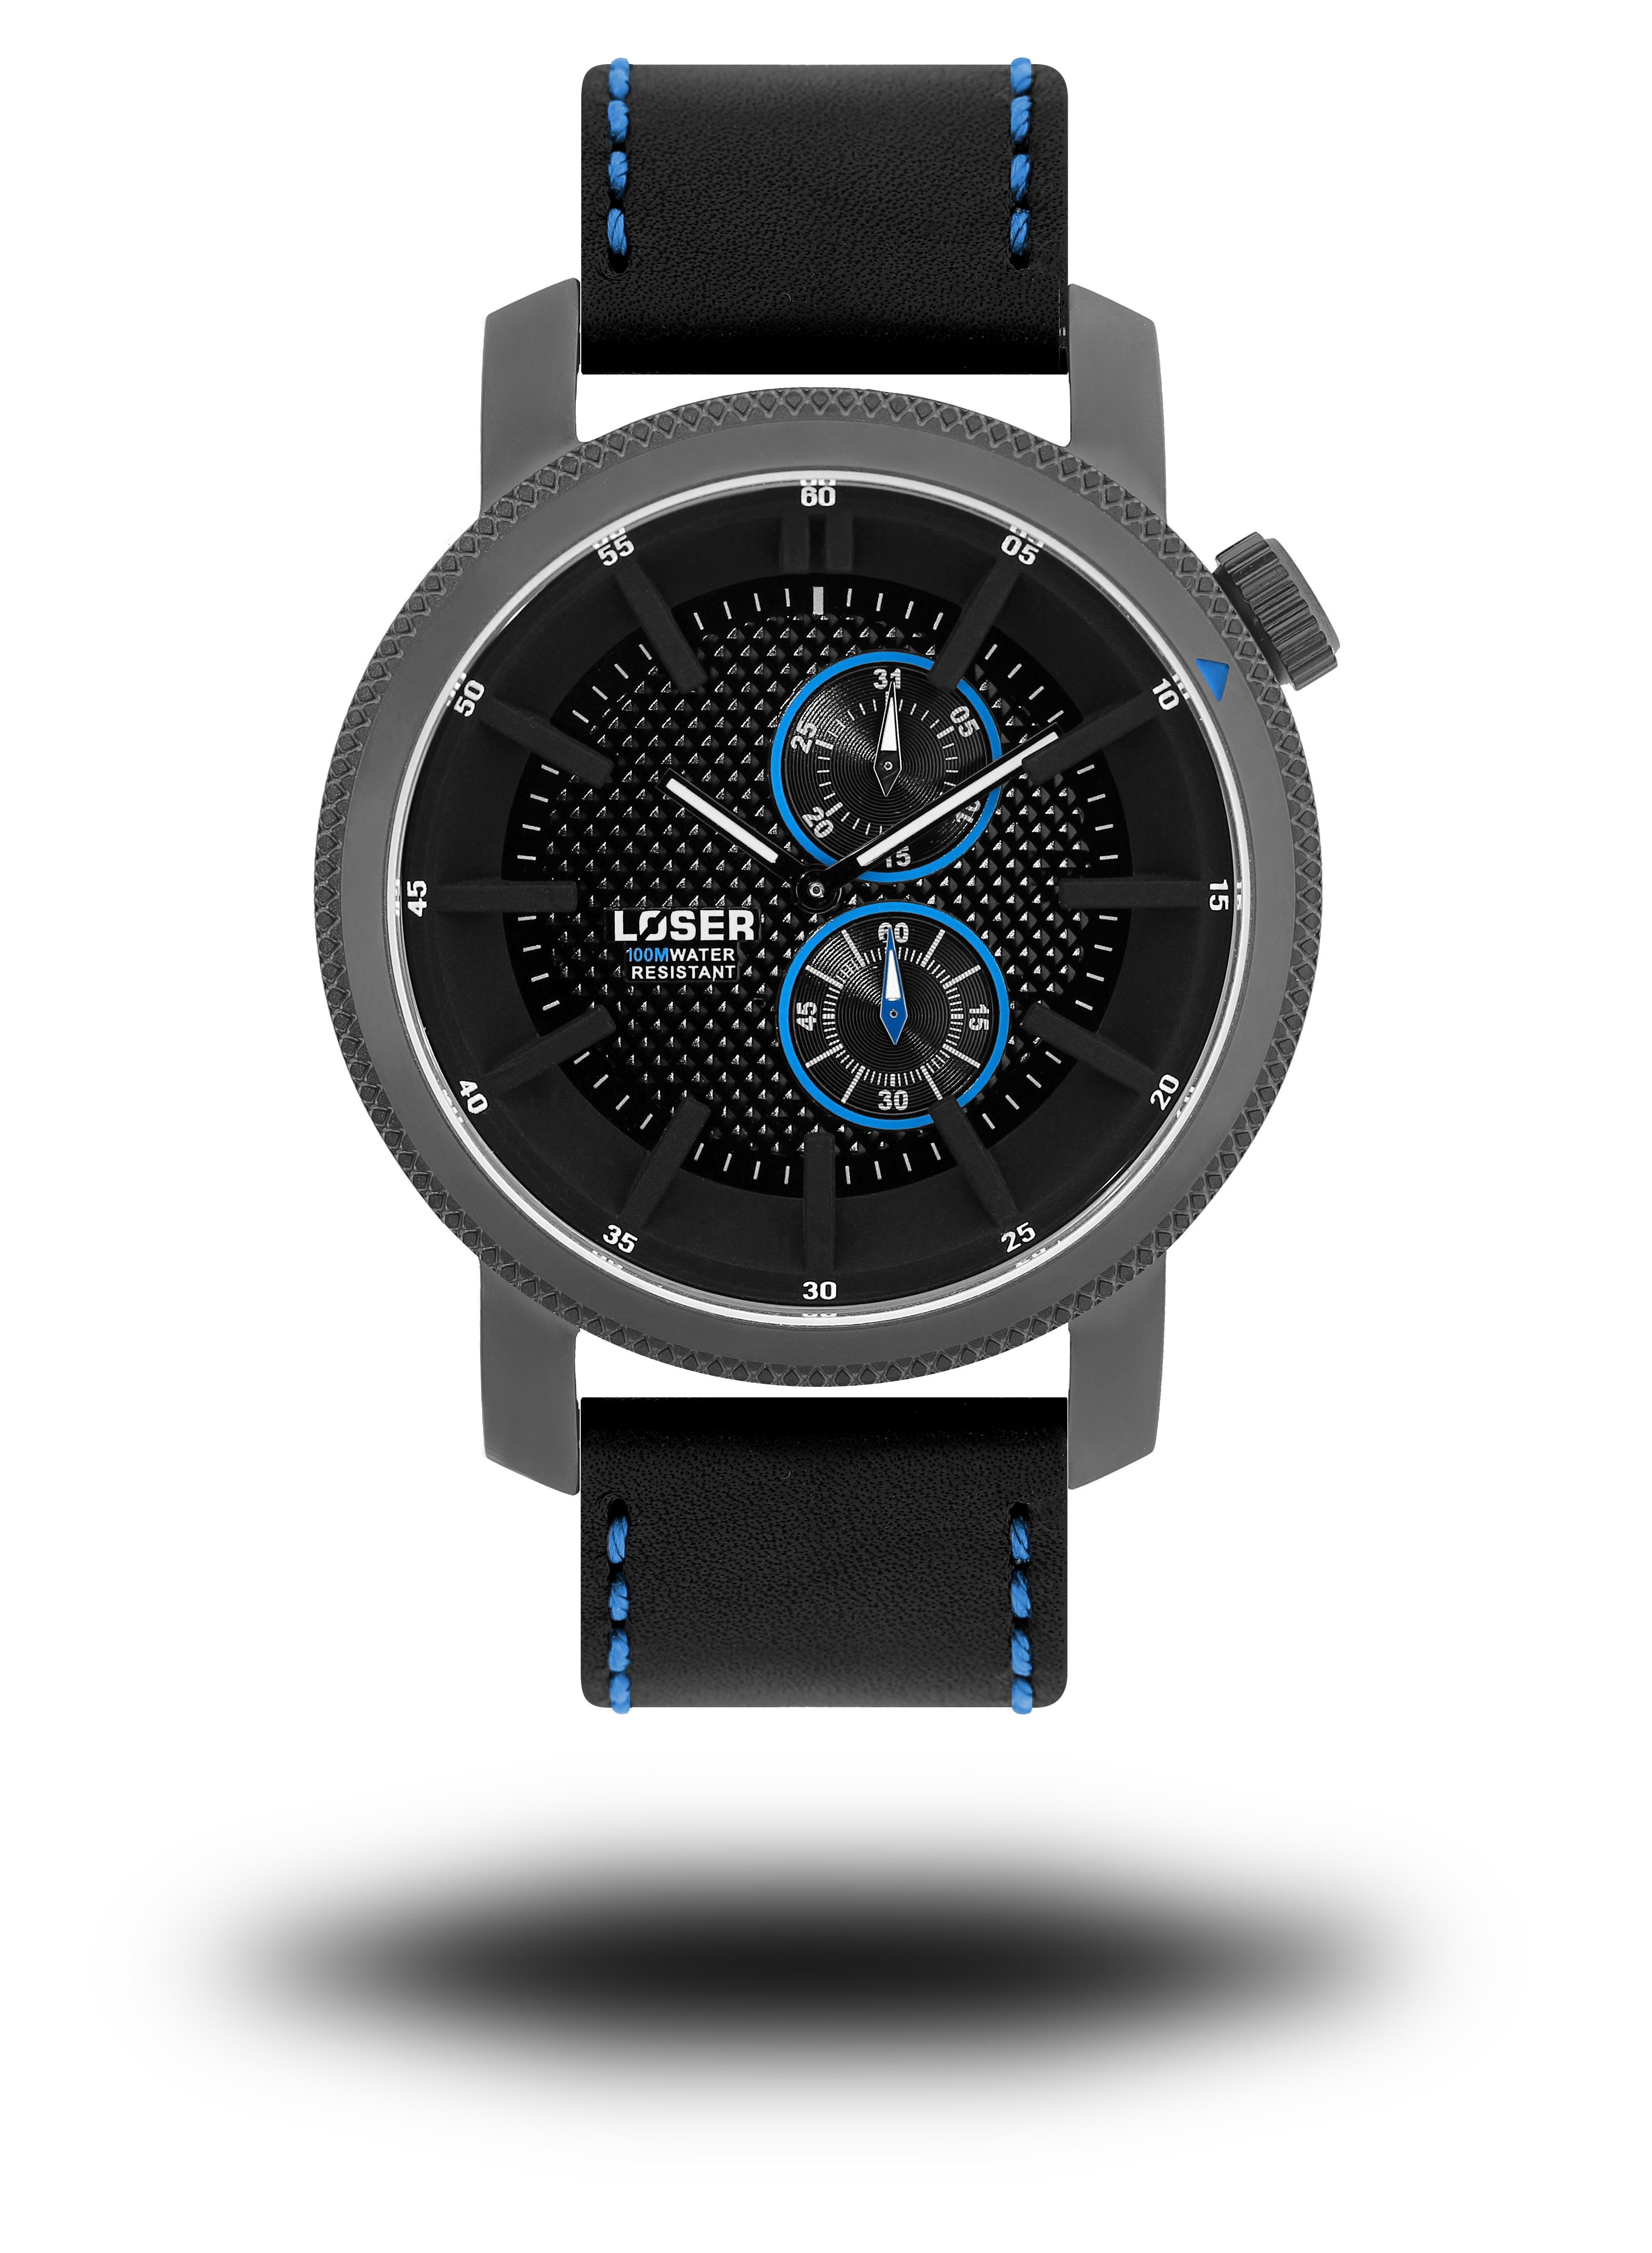 Luxusní nadčasové sportovní vodotěsné hodinky LOSER Infinity OCEAN (POŠTOVNÉ ZDARMA!! - modré)